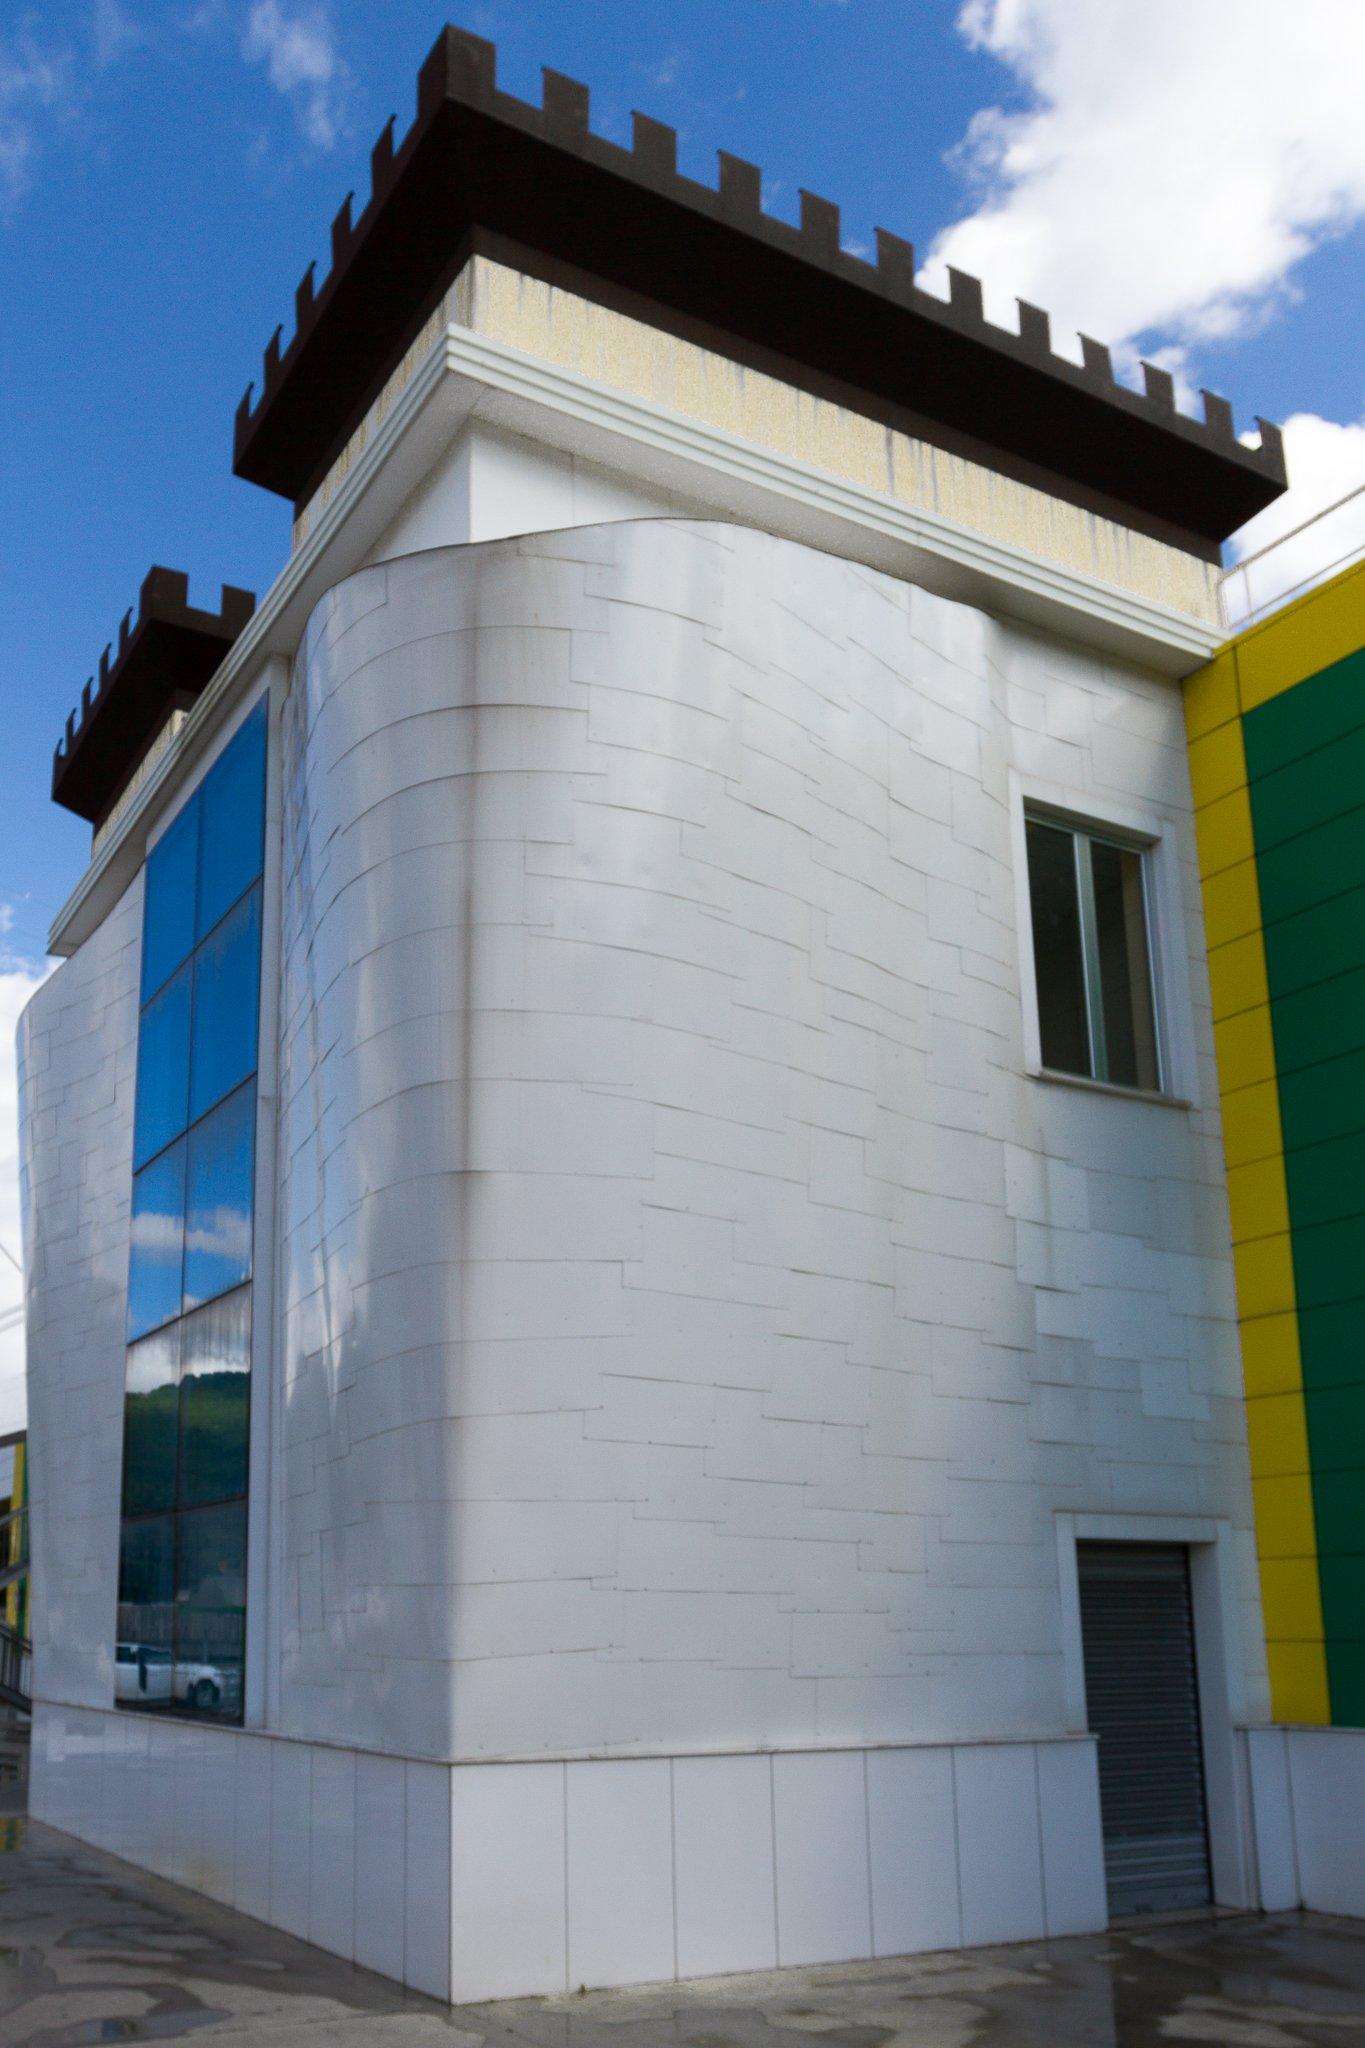 vista angolare di un edificio